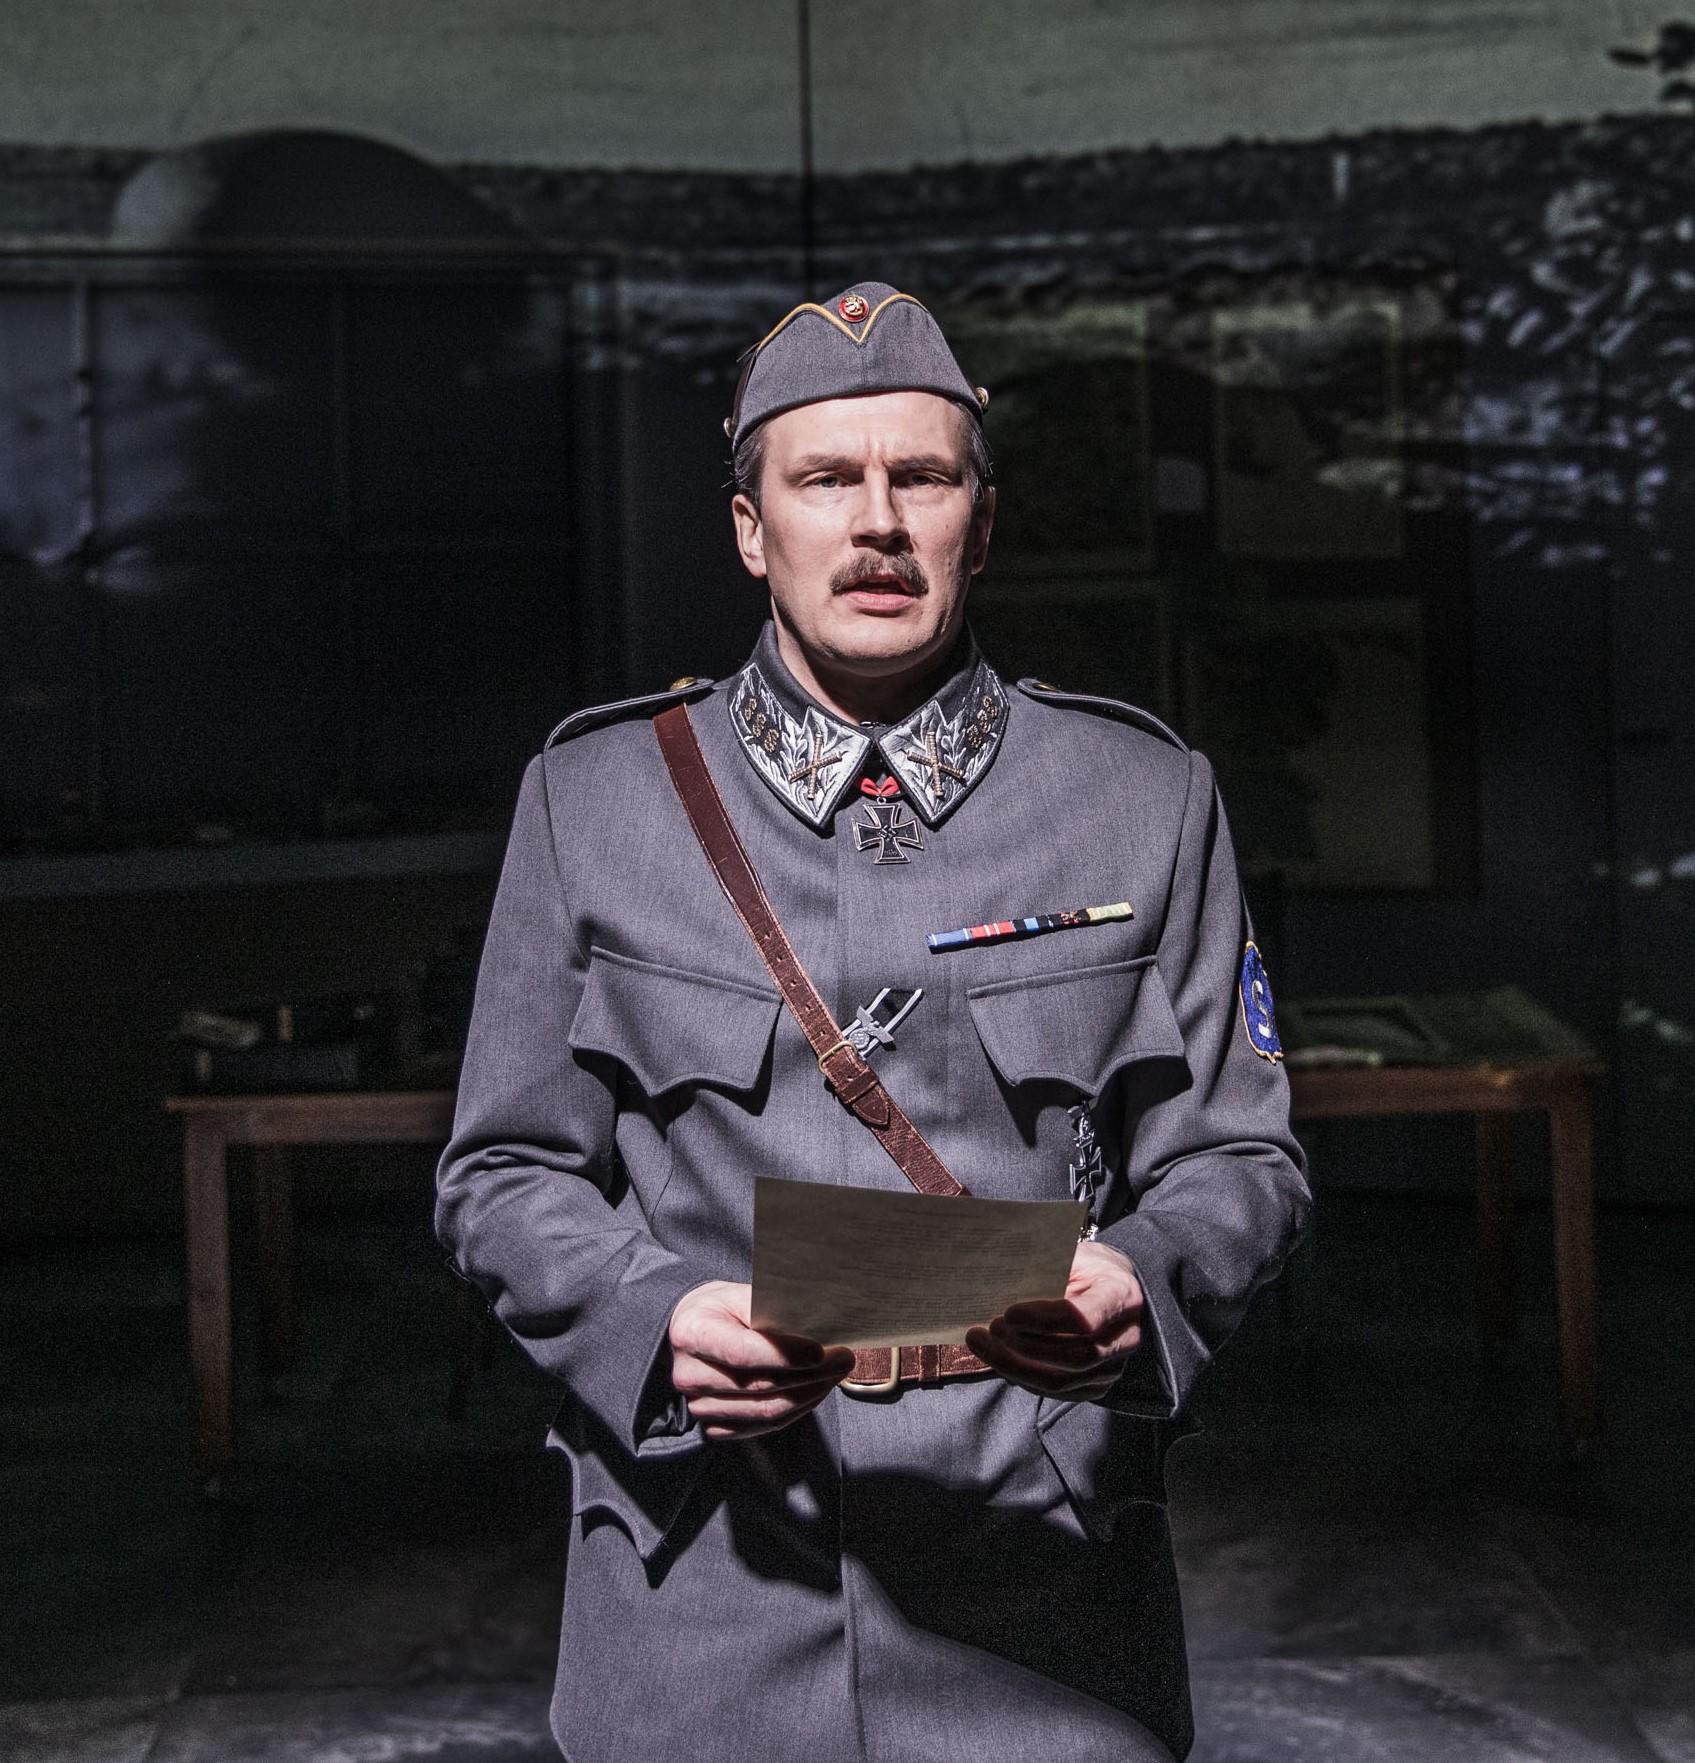 Näyttelijä Janne Turkki Mannerheimin osassa Porin teatterin esityksessä